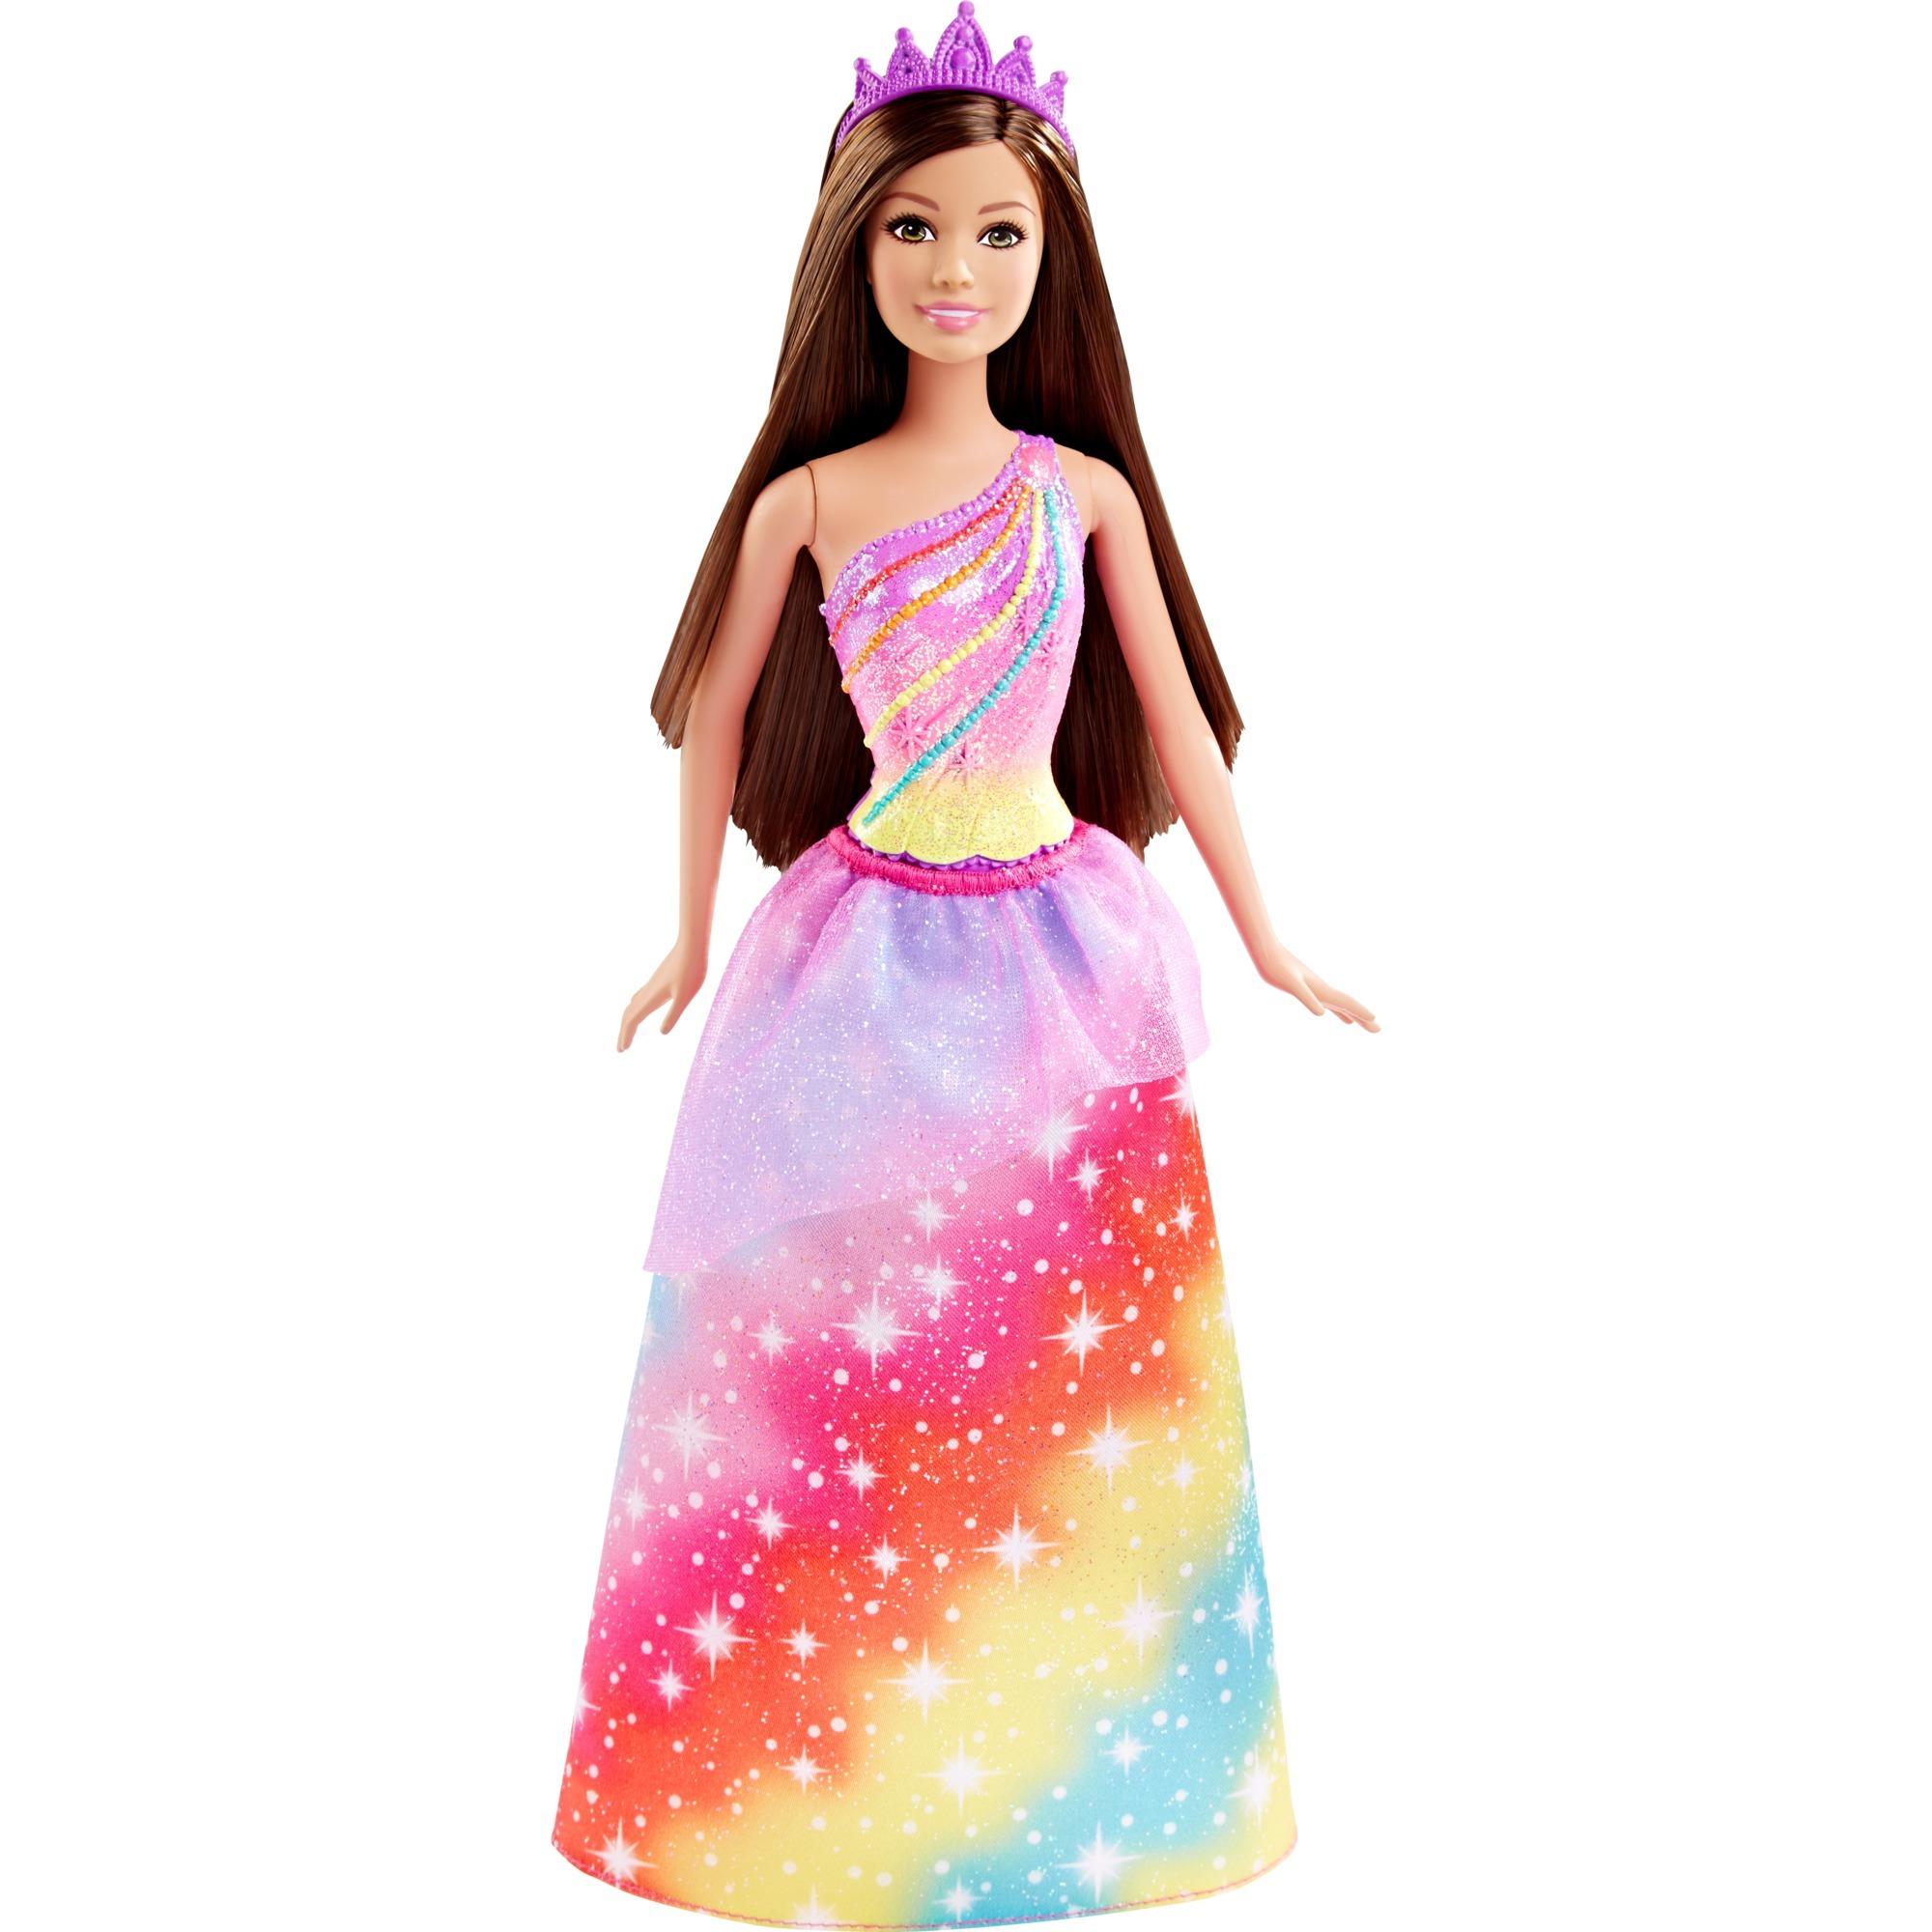 barbie-regnbue-prinsesse-dukke